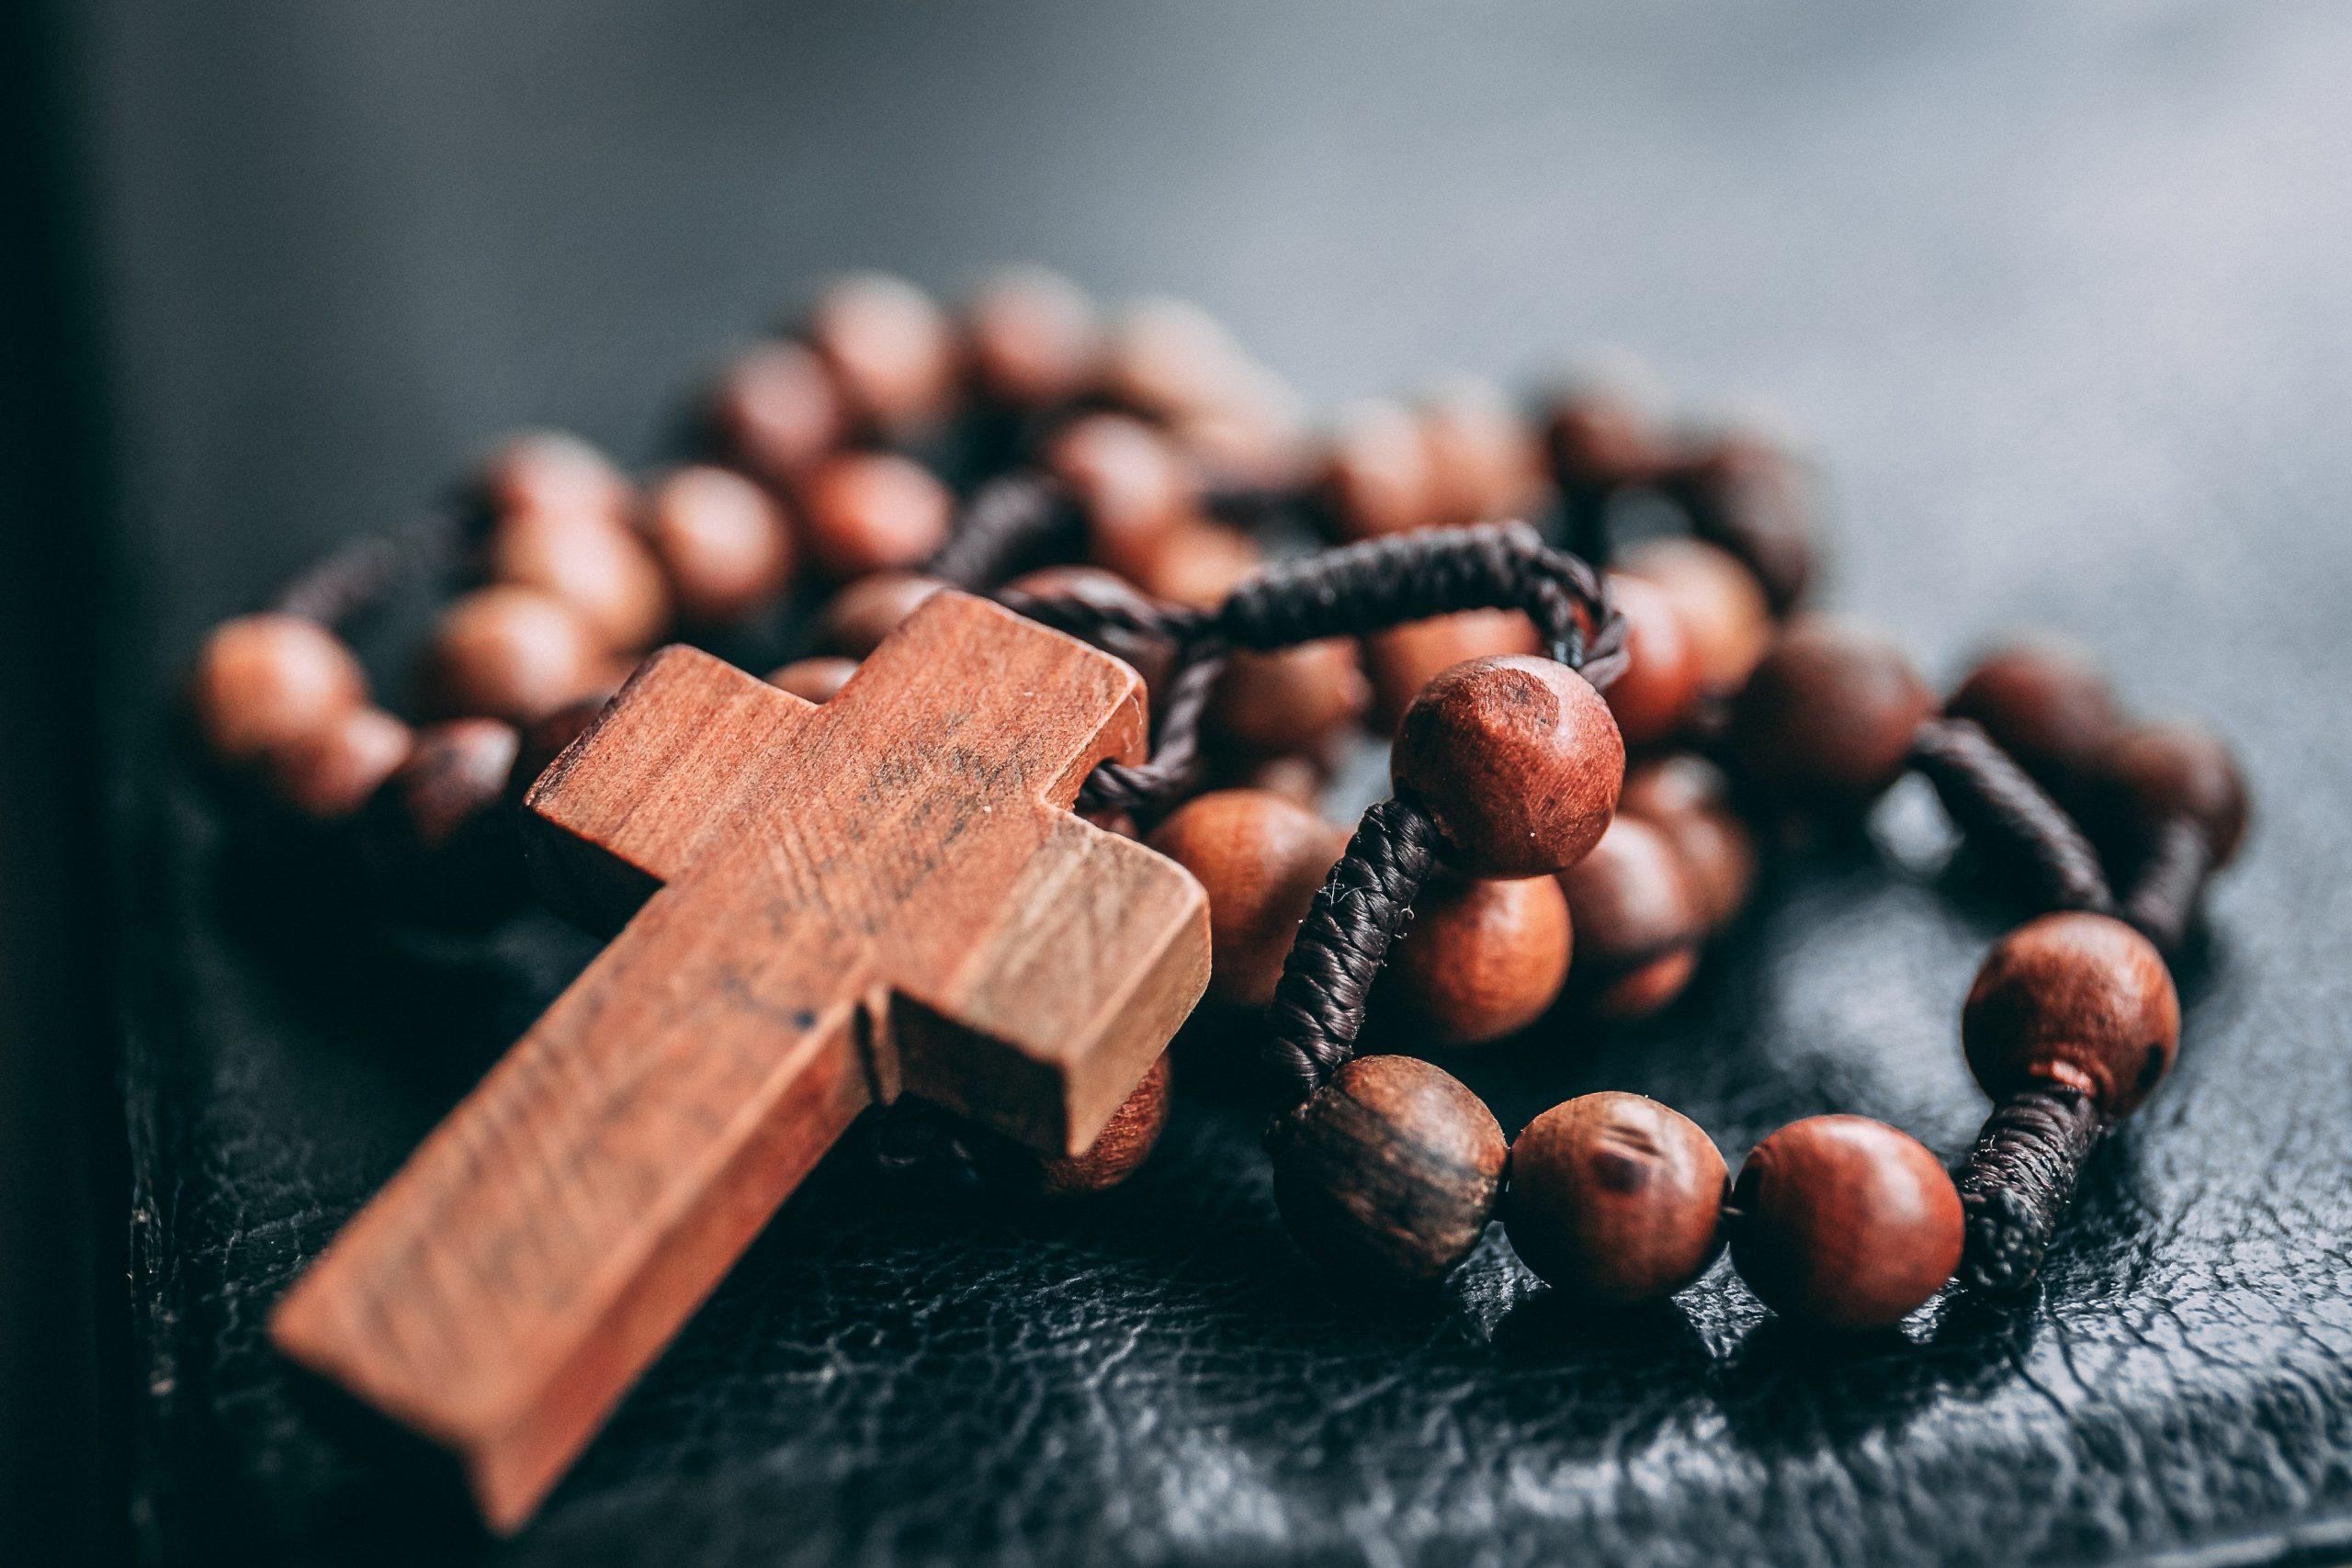 Pöydän kulmalla ruskea risti ruskeiden rukoushelmien päällä.